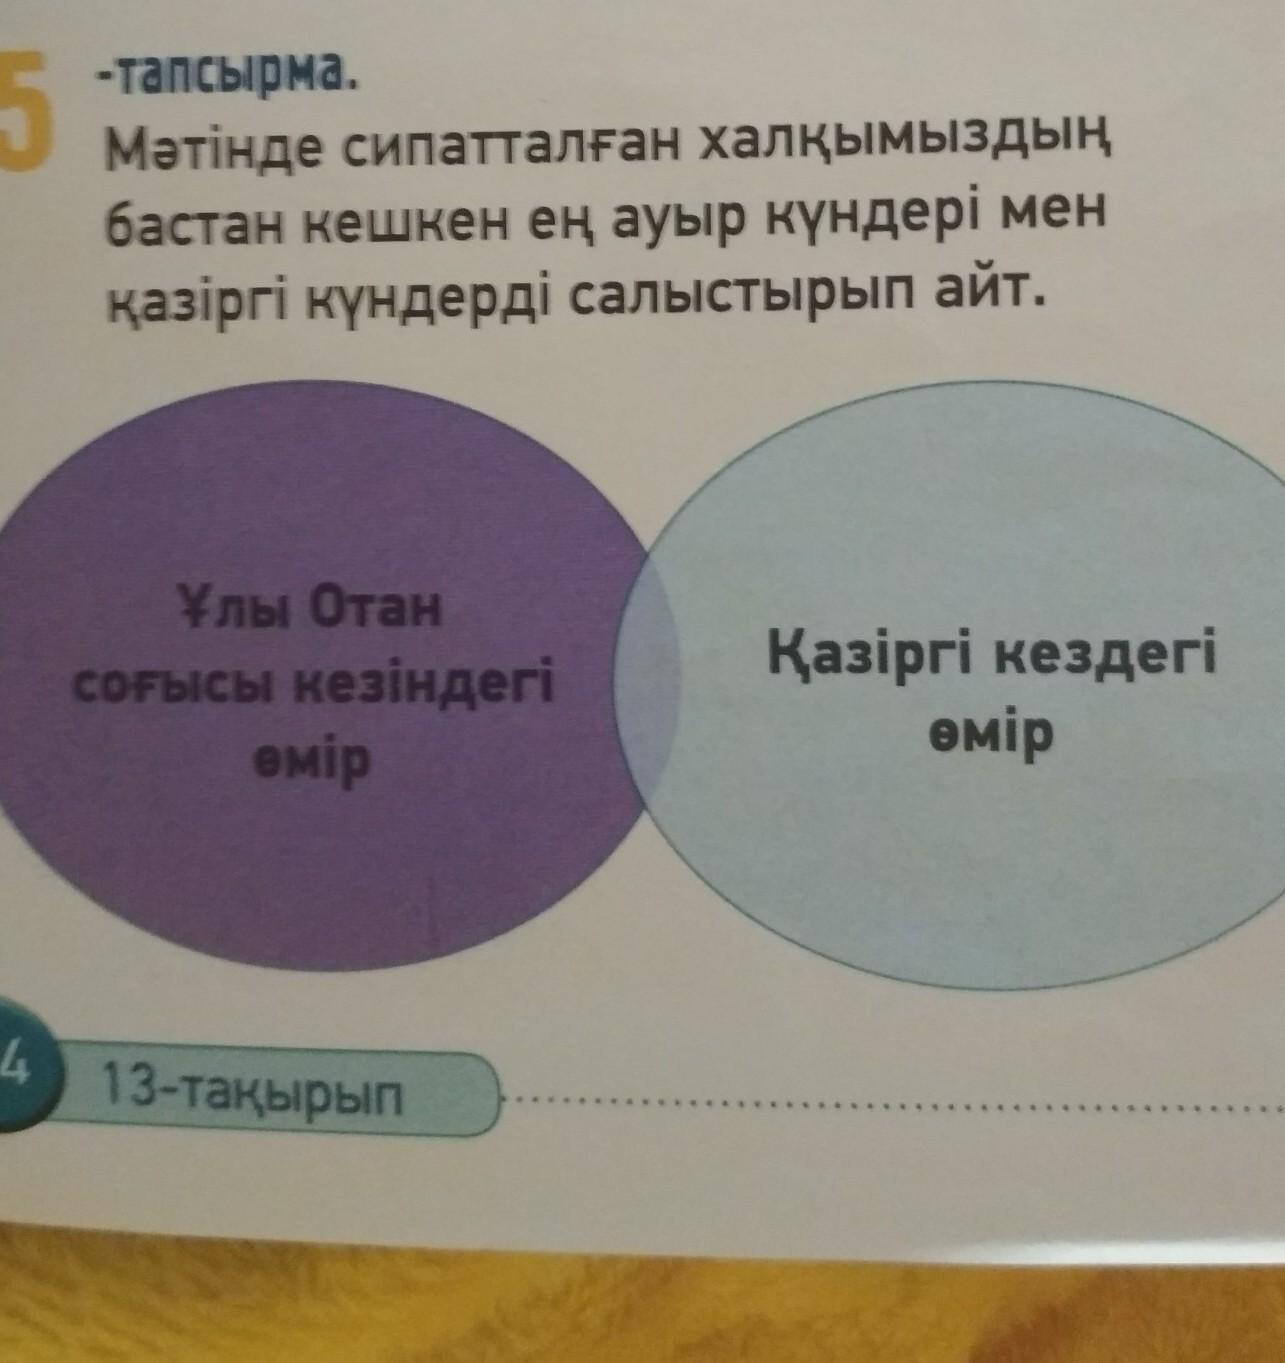 ПОМОГИТЕ ПОЖАЛУЙСТА С КАЗАХСКИМ! ПРОШУУУ